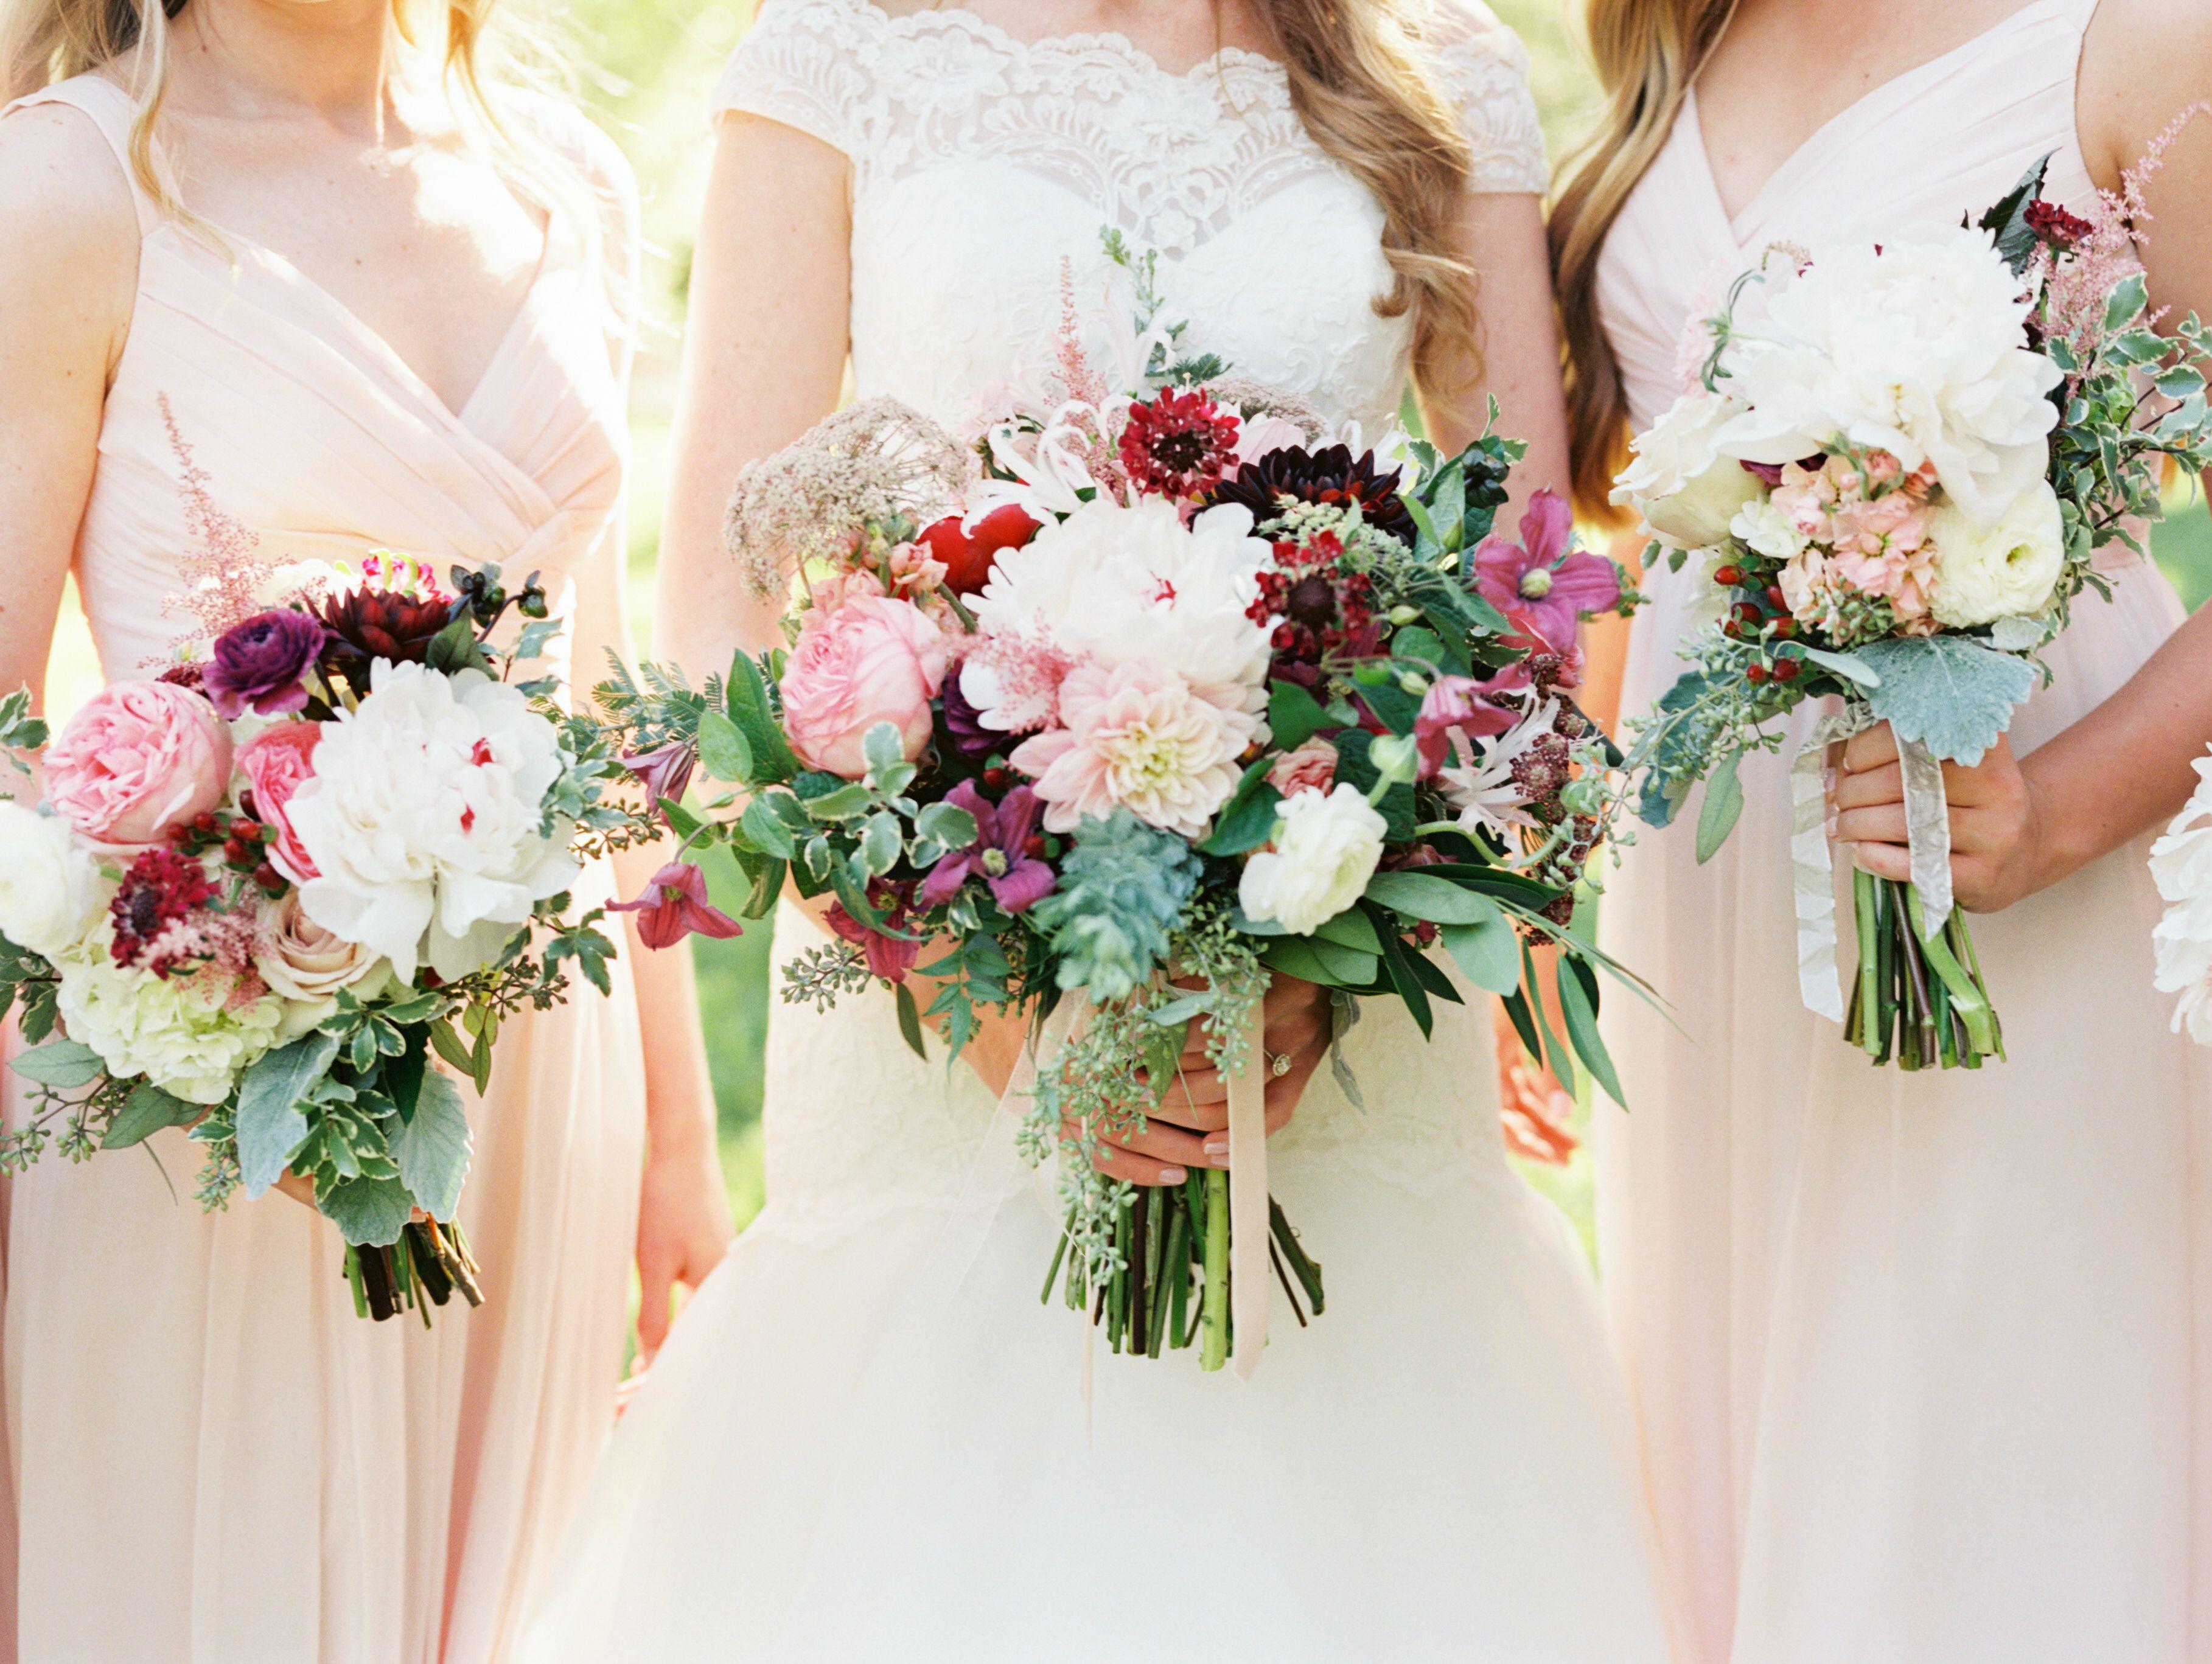 Romantic + Lush Texas Wedding Burgundy, blush wedding